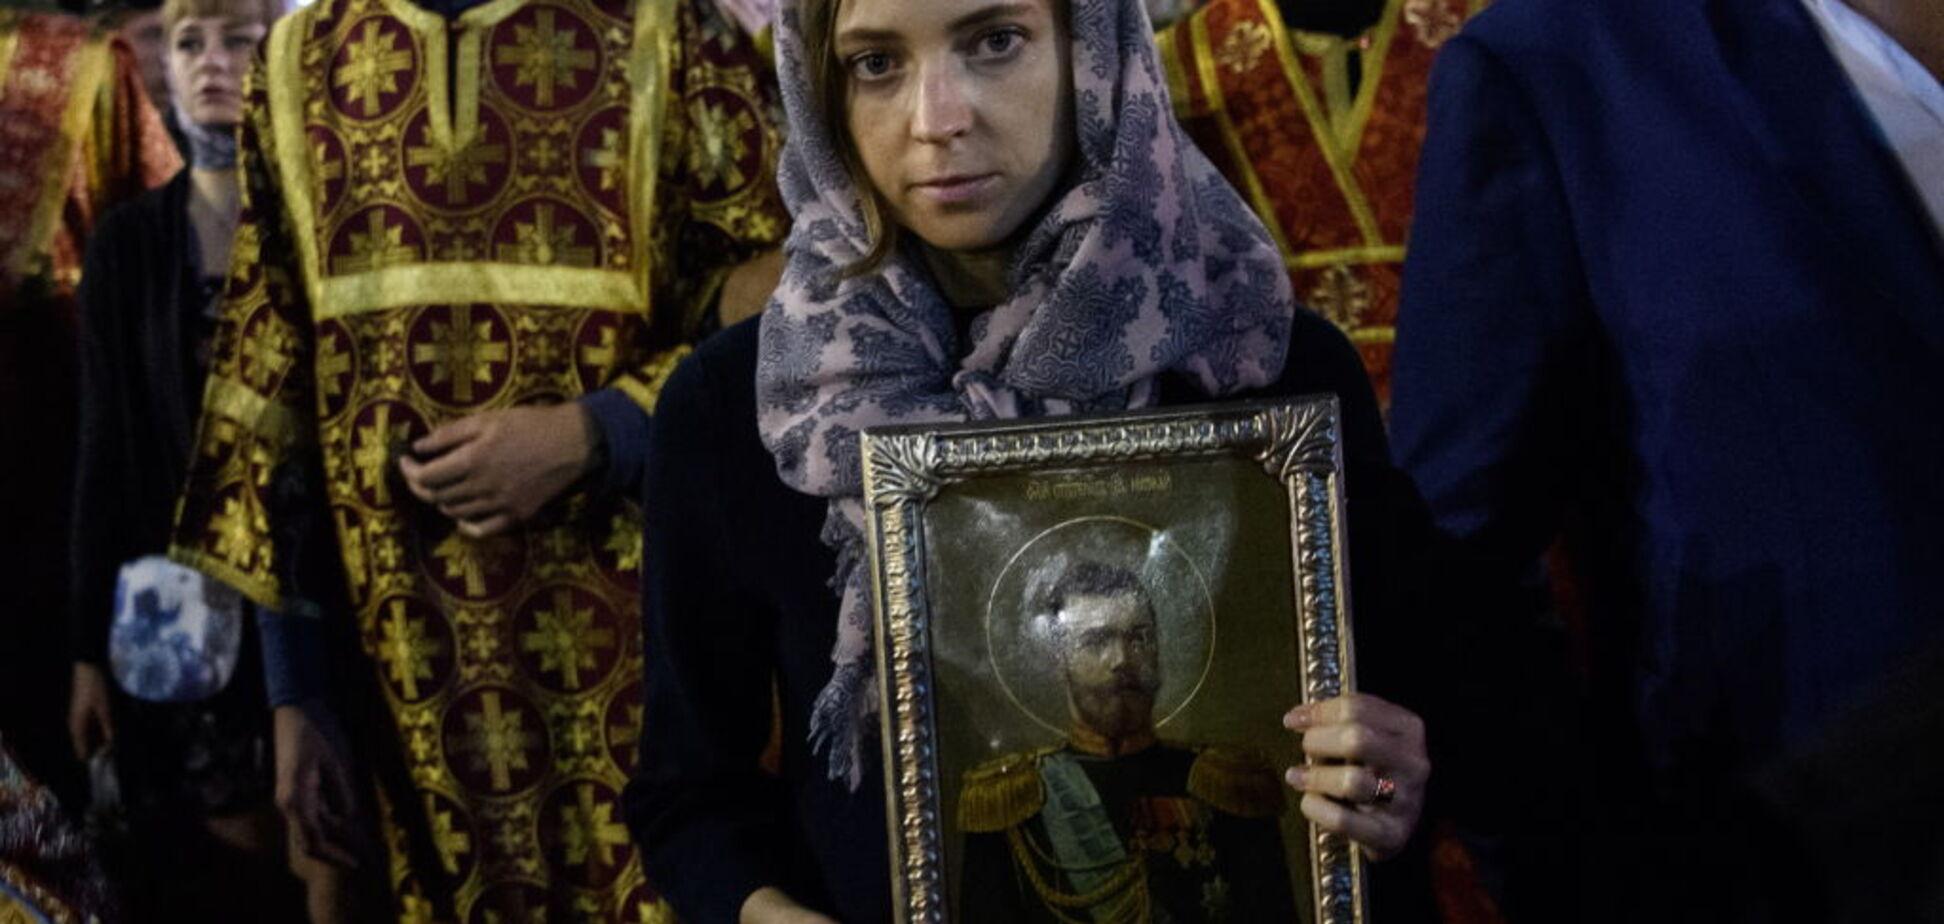 'Тайное оружие Украины': глава 'Нафтогаза' высмеял скандал с 'Матильдой'